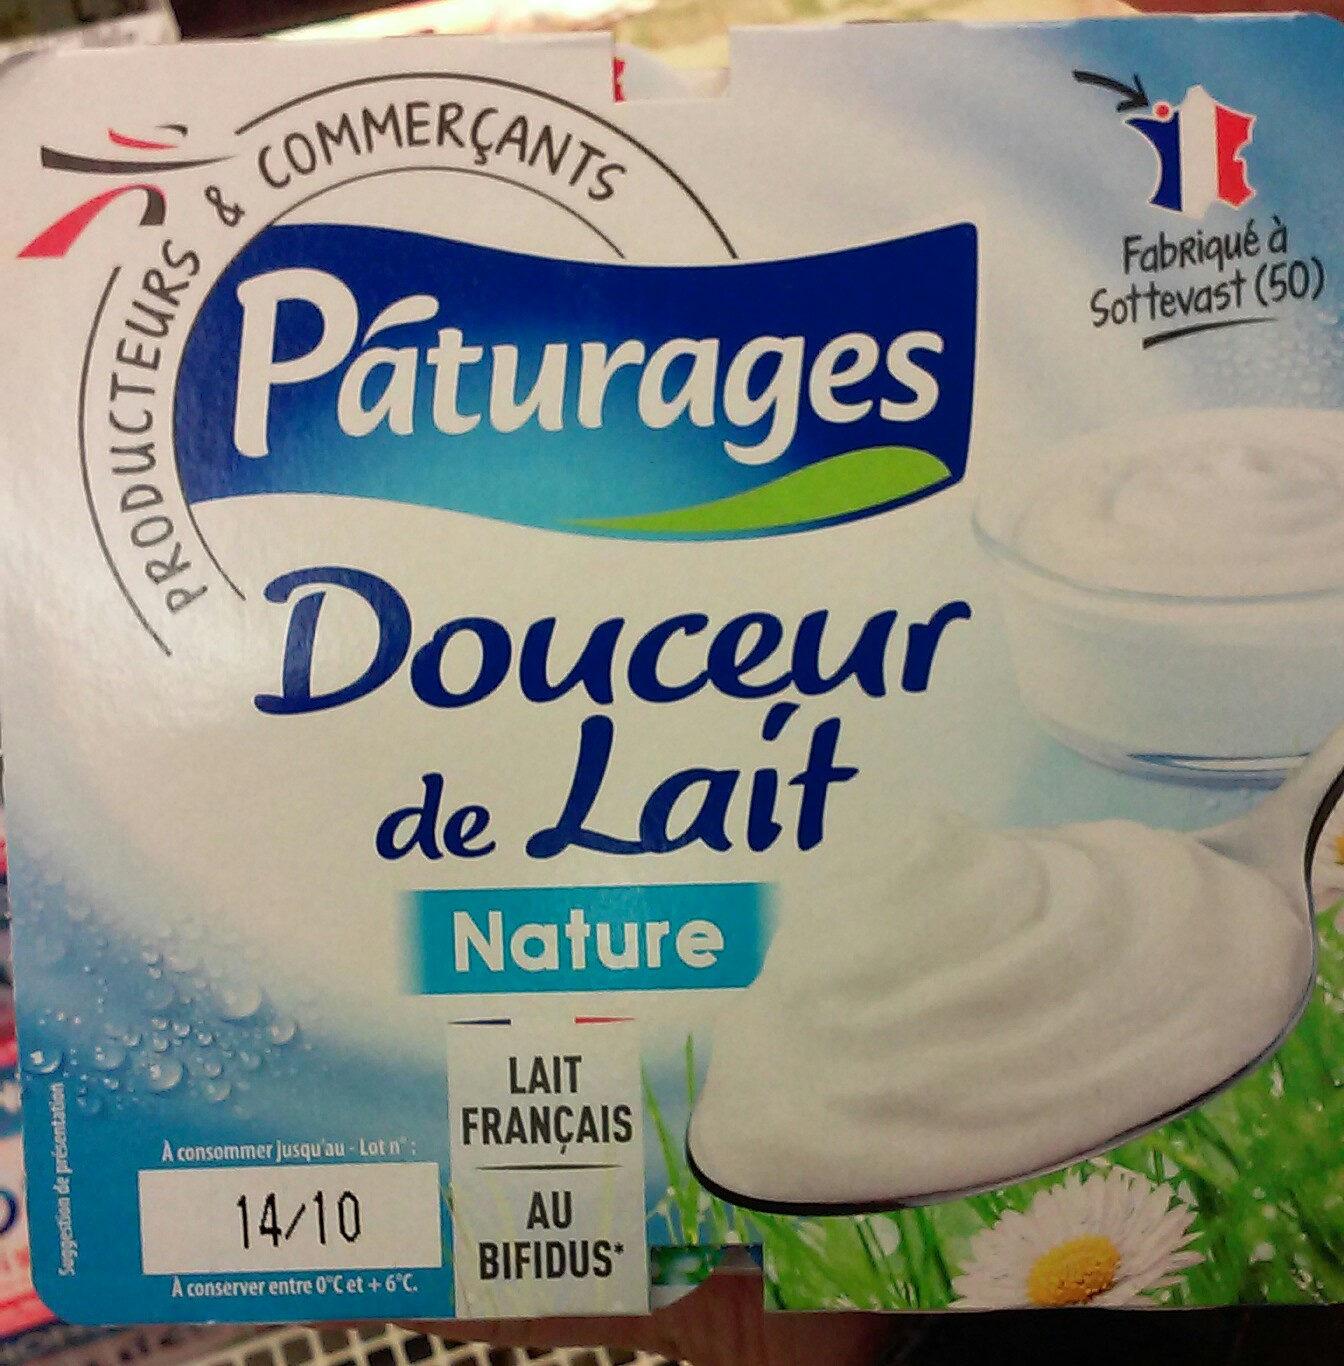 douceur de lait - Product